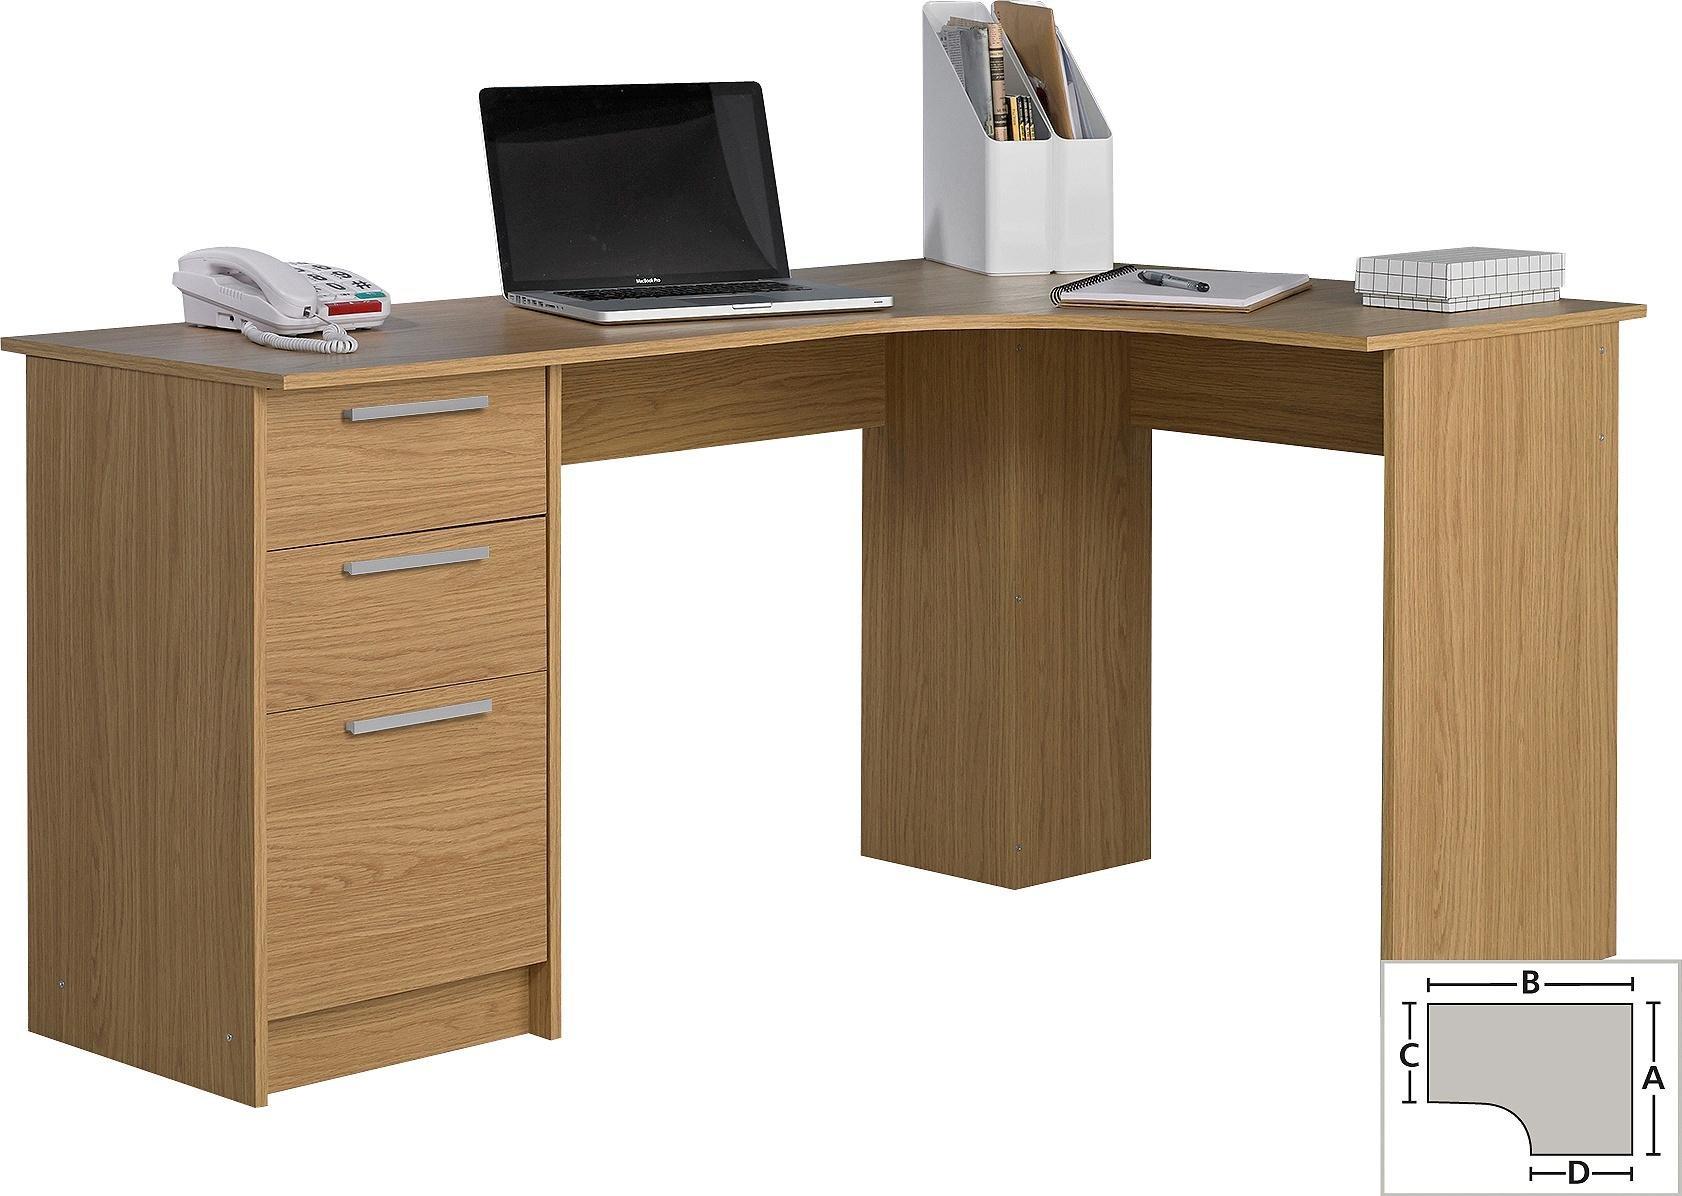 Buy Home Large 3 Drawer Corner Desk Oak Effect At Argos